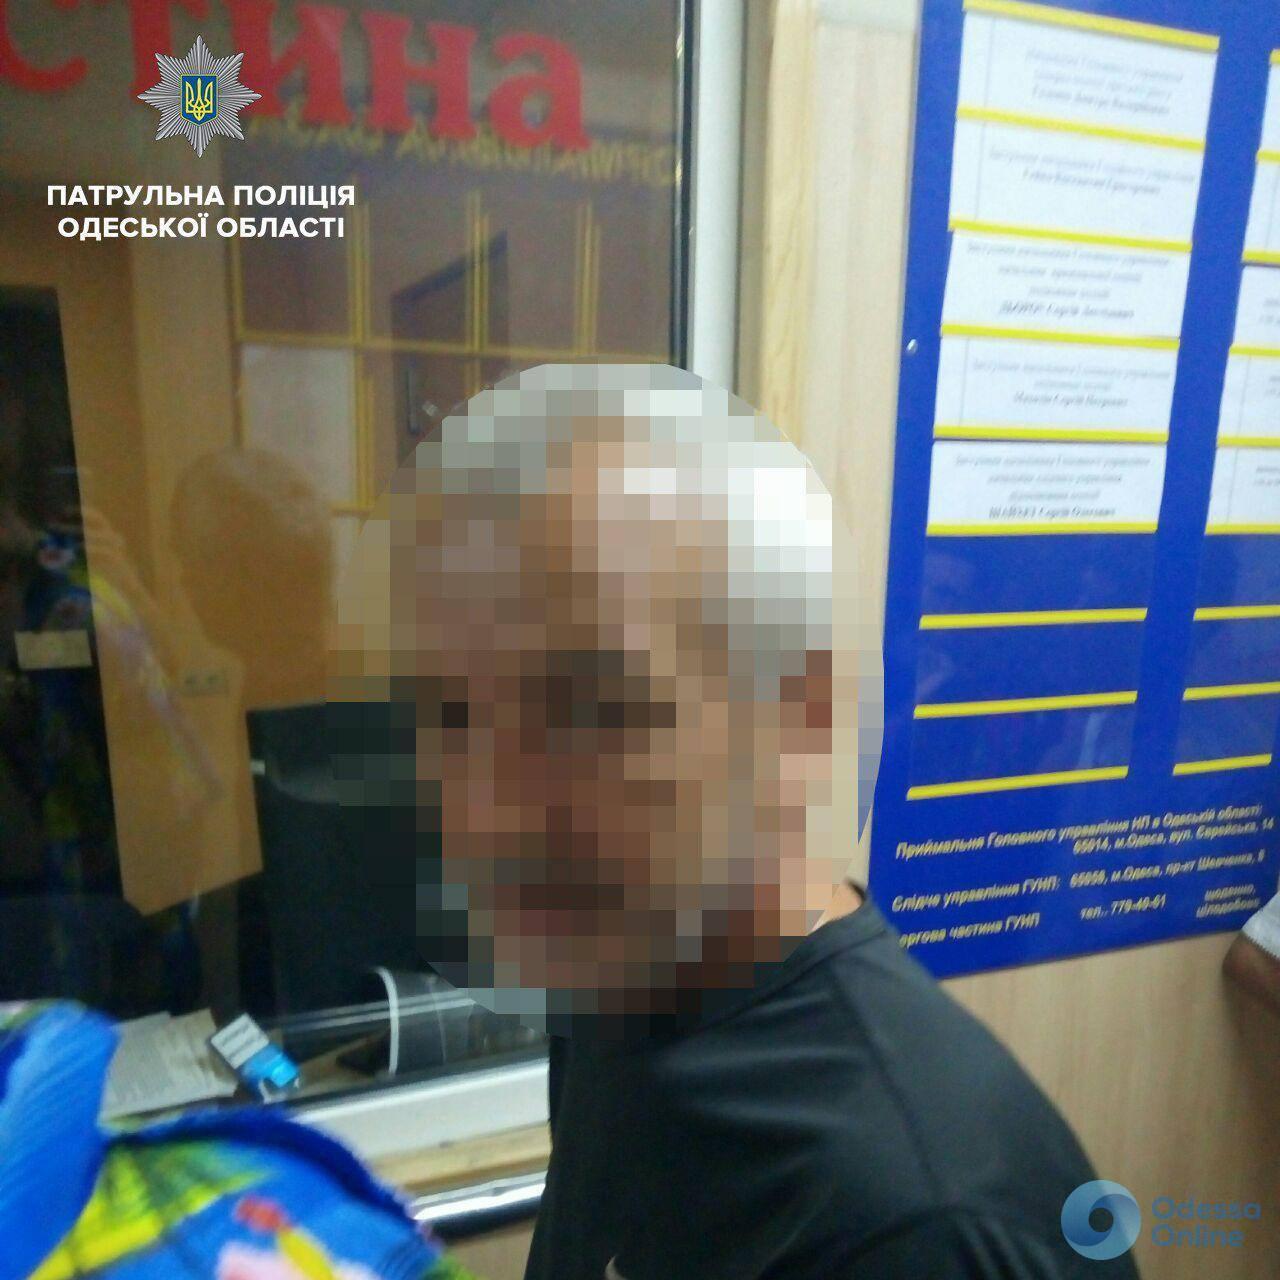 В Одессе задержали троих грабителей